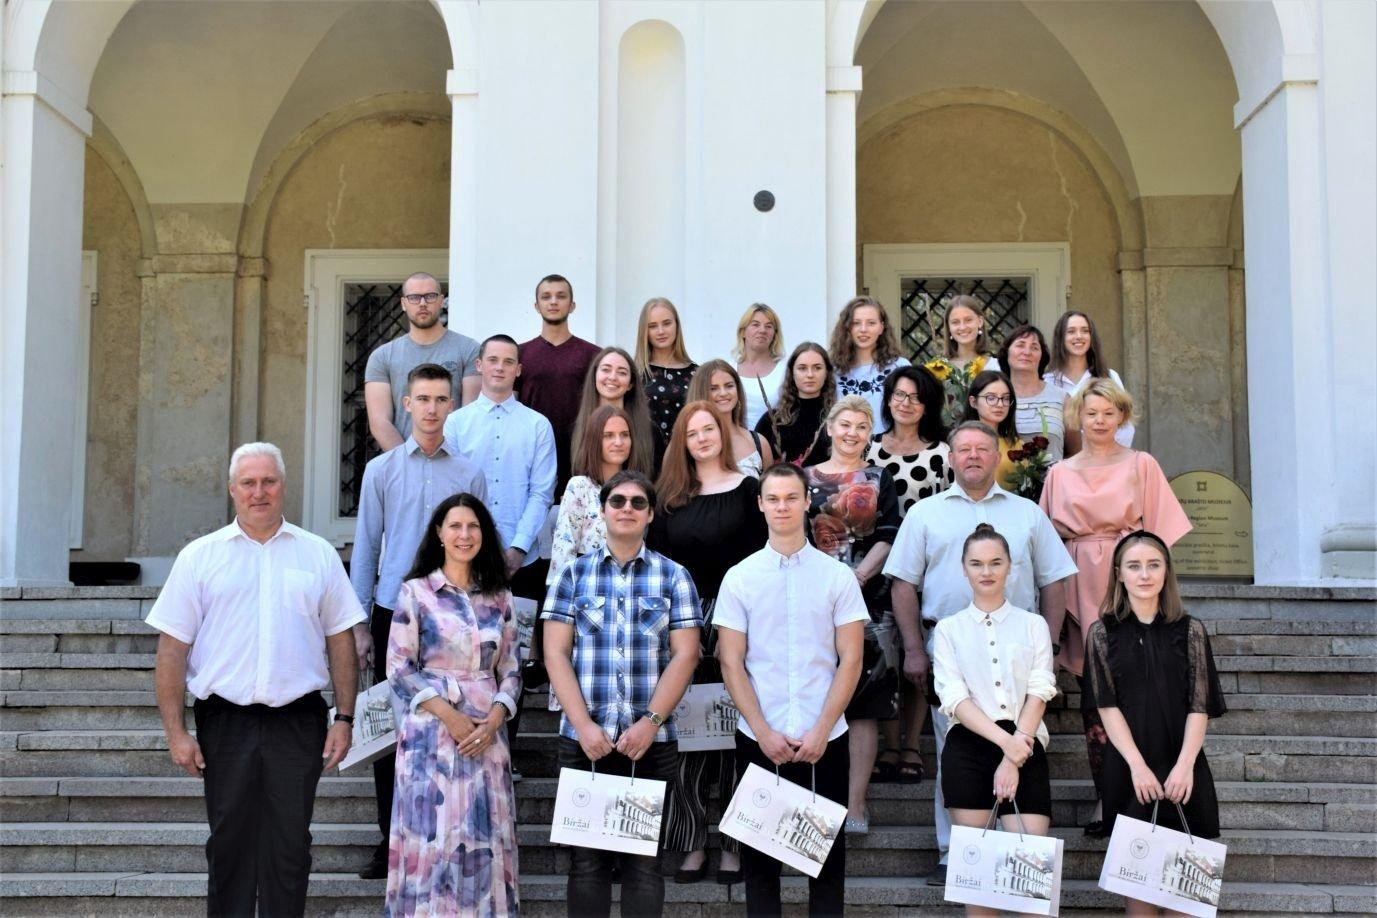 Biržų rajono savivaldybės vadovai pasveikino geriausiai valstybinius brandos egzaminus išlaikiusius abiturientus